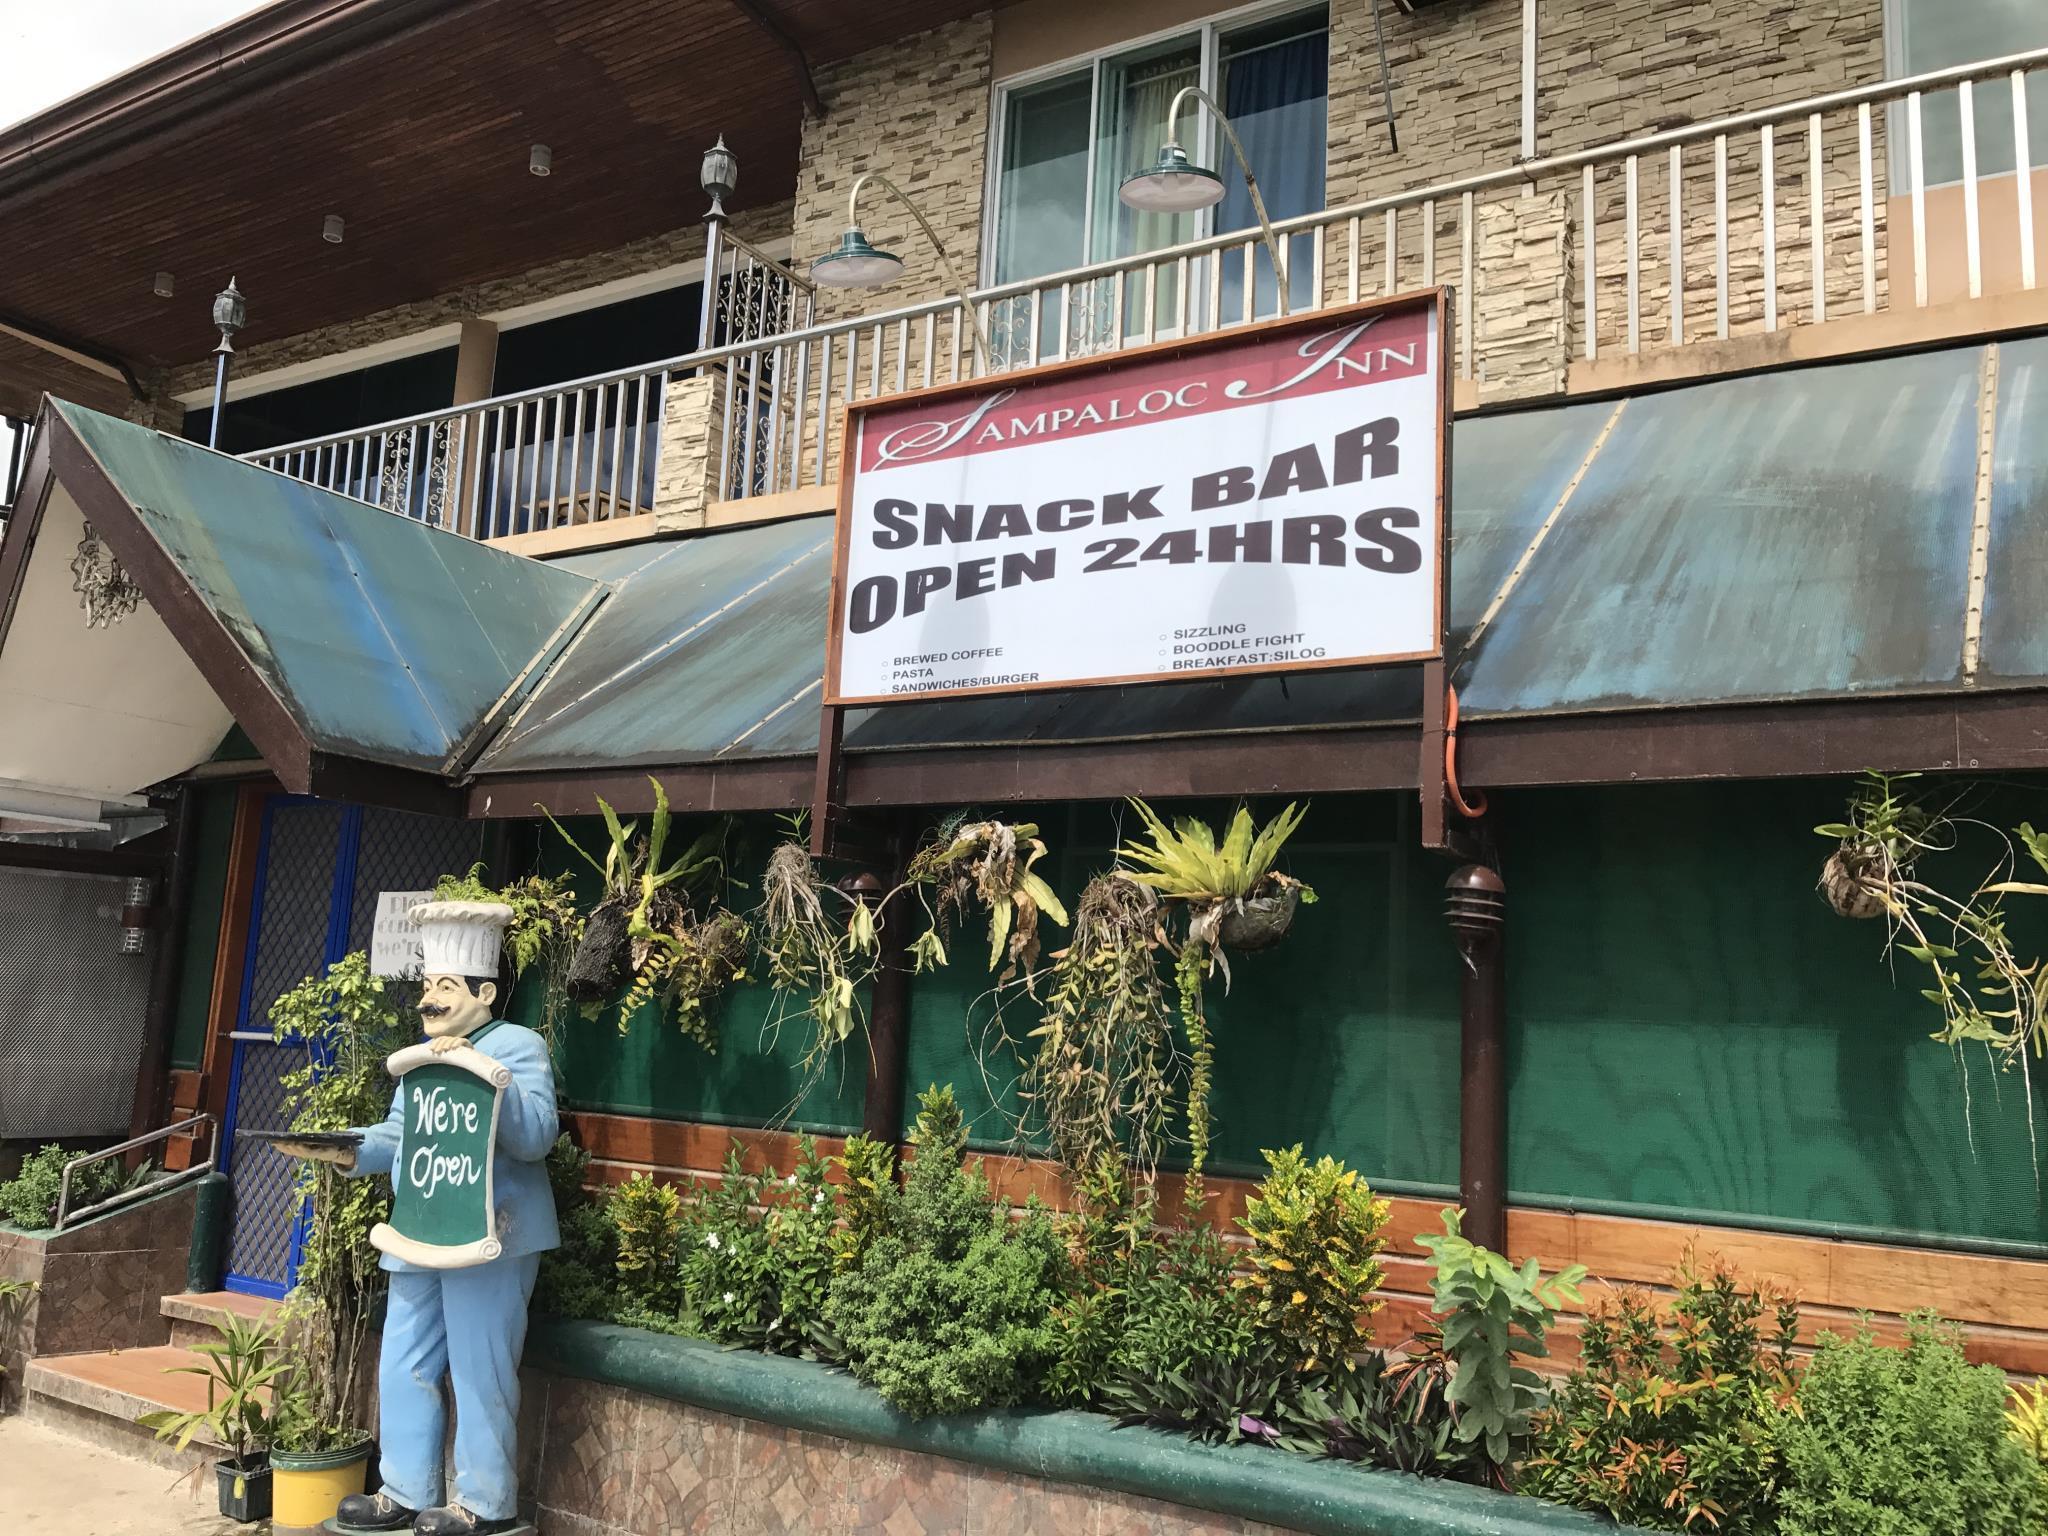 Sampaloc Inn, Tanay